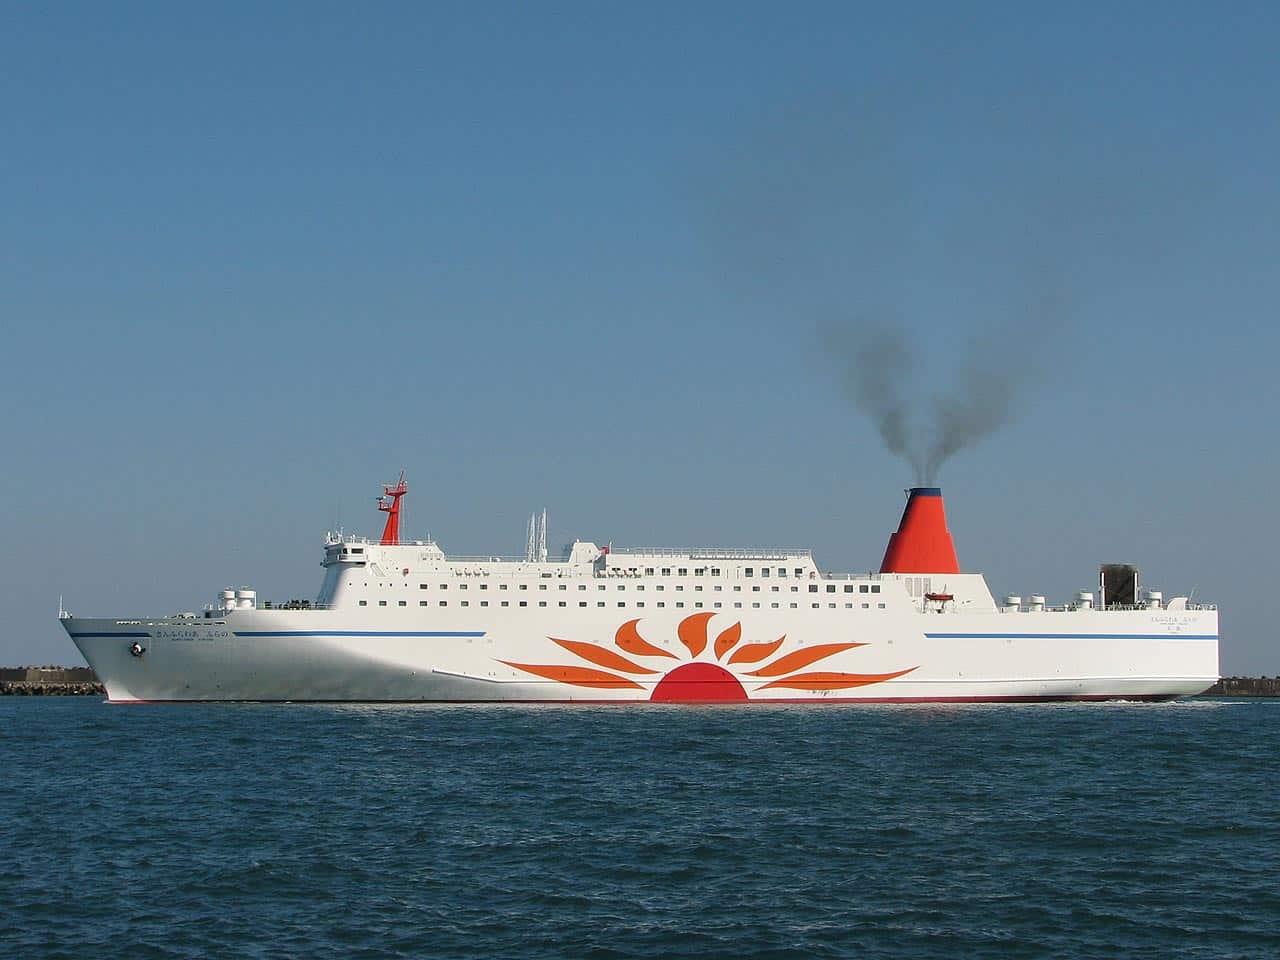 เรือเฟอร์รี่ซันฟลาวเวอร์ (Ferry Sunflower) ที่มุ่งหน้าสู่เมืองโทมาโกะไม (Tomakomai)